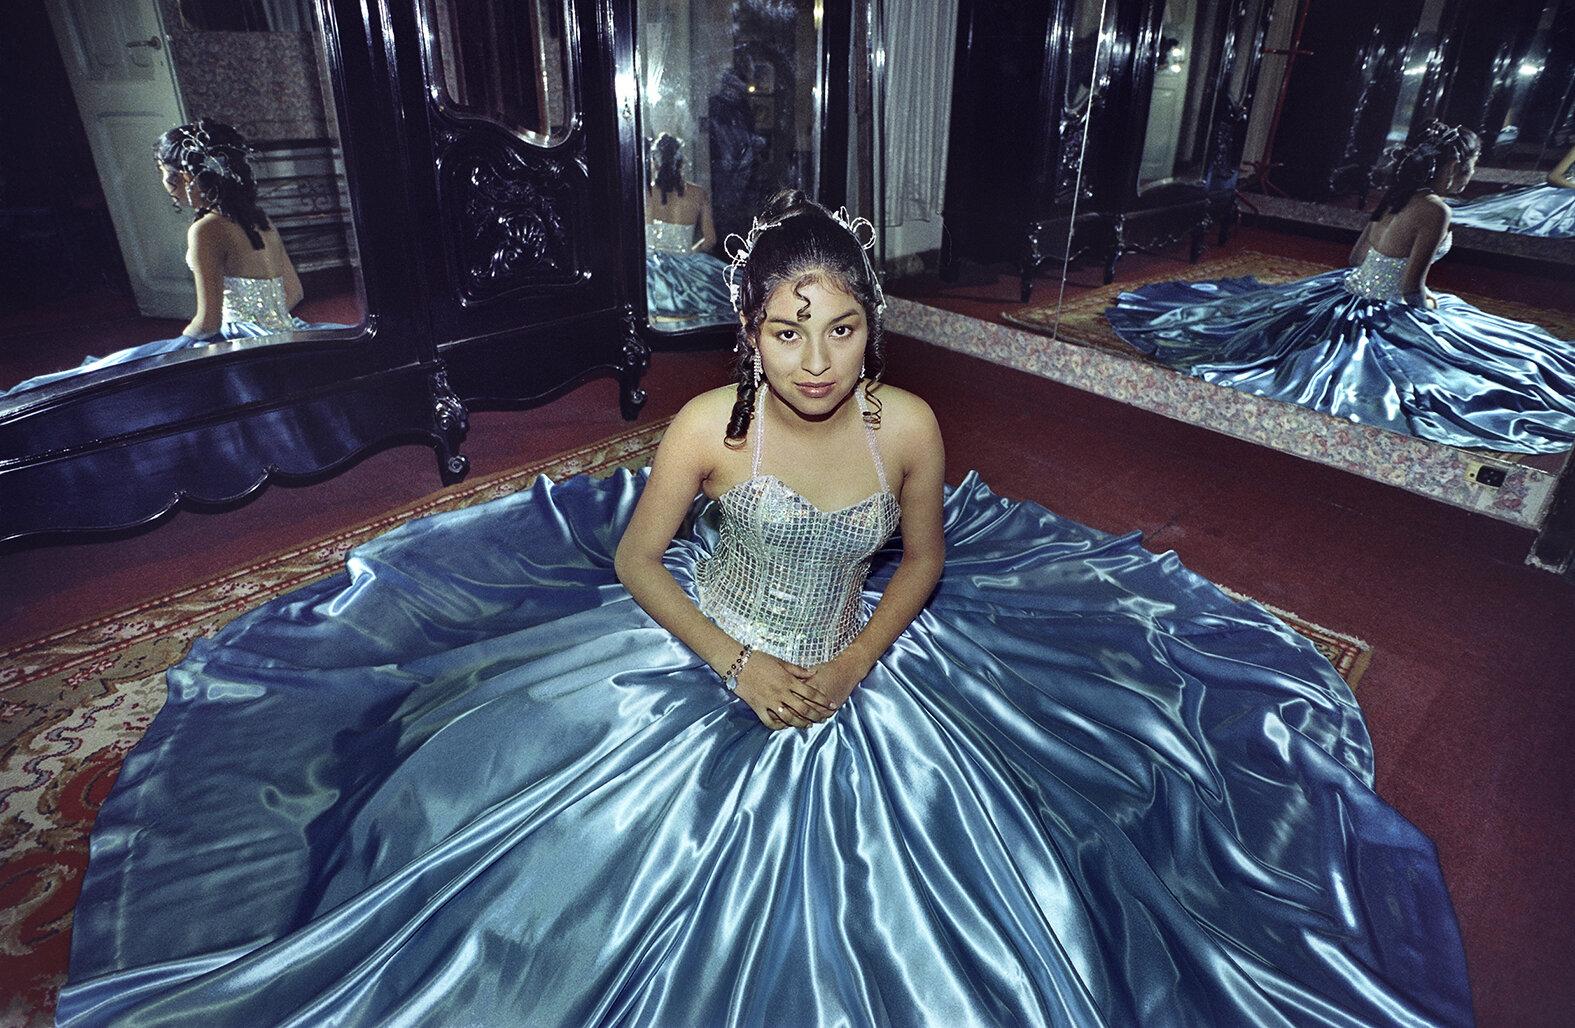 08 Quinceañera-Girl on her fifteenth birthday 2000 copia.jpg